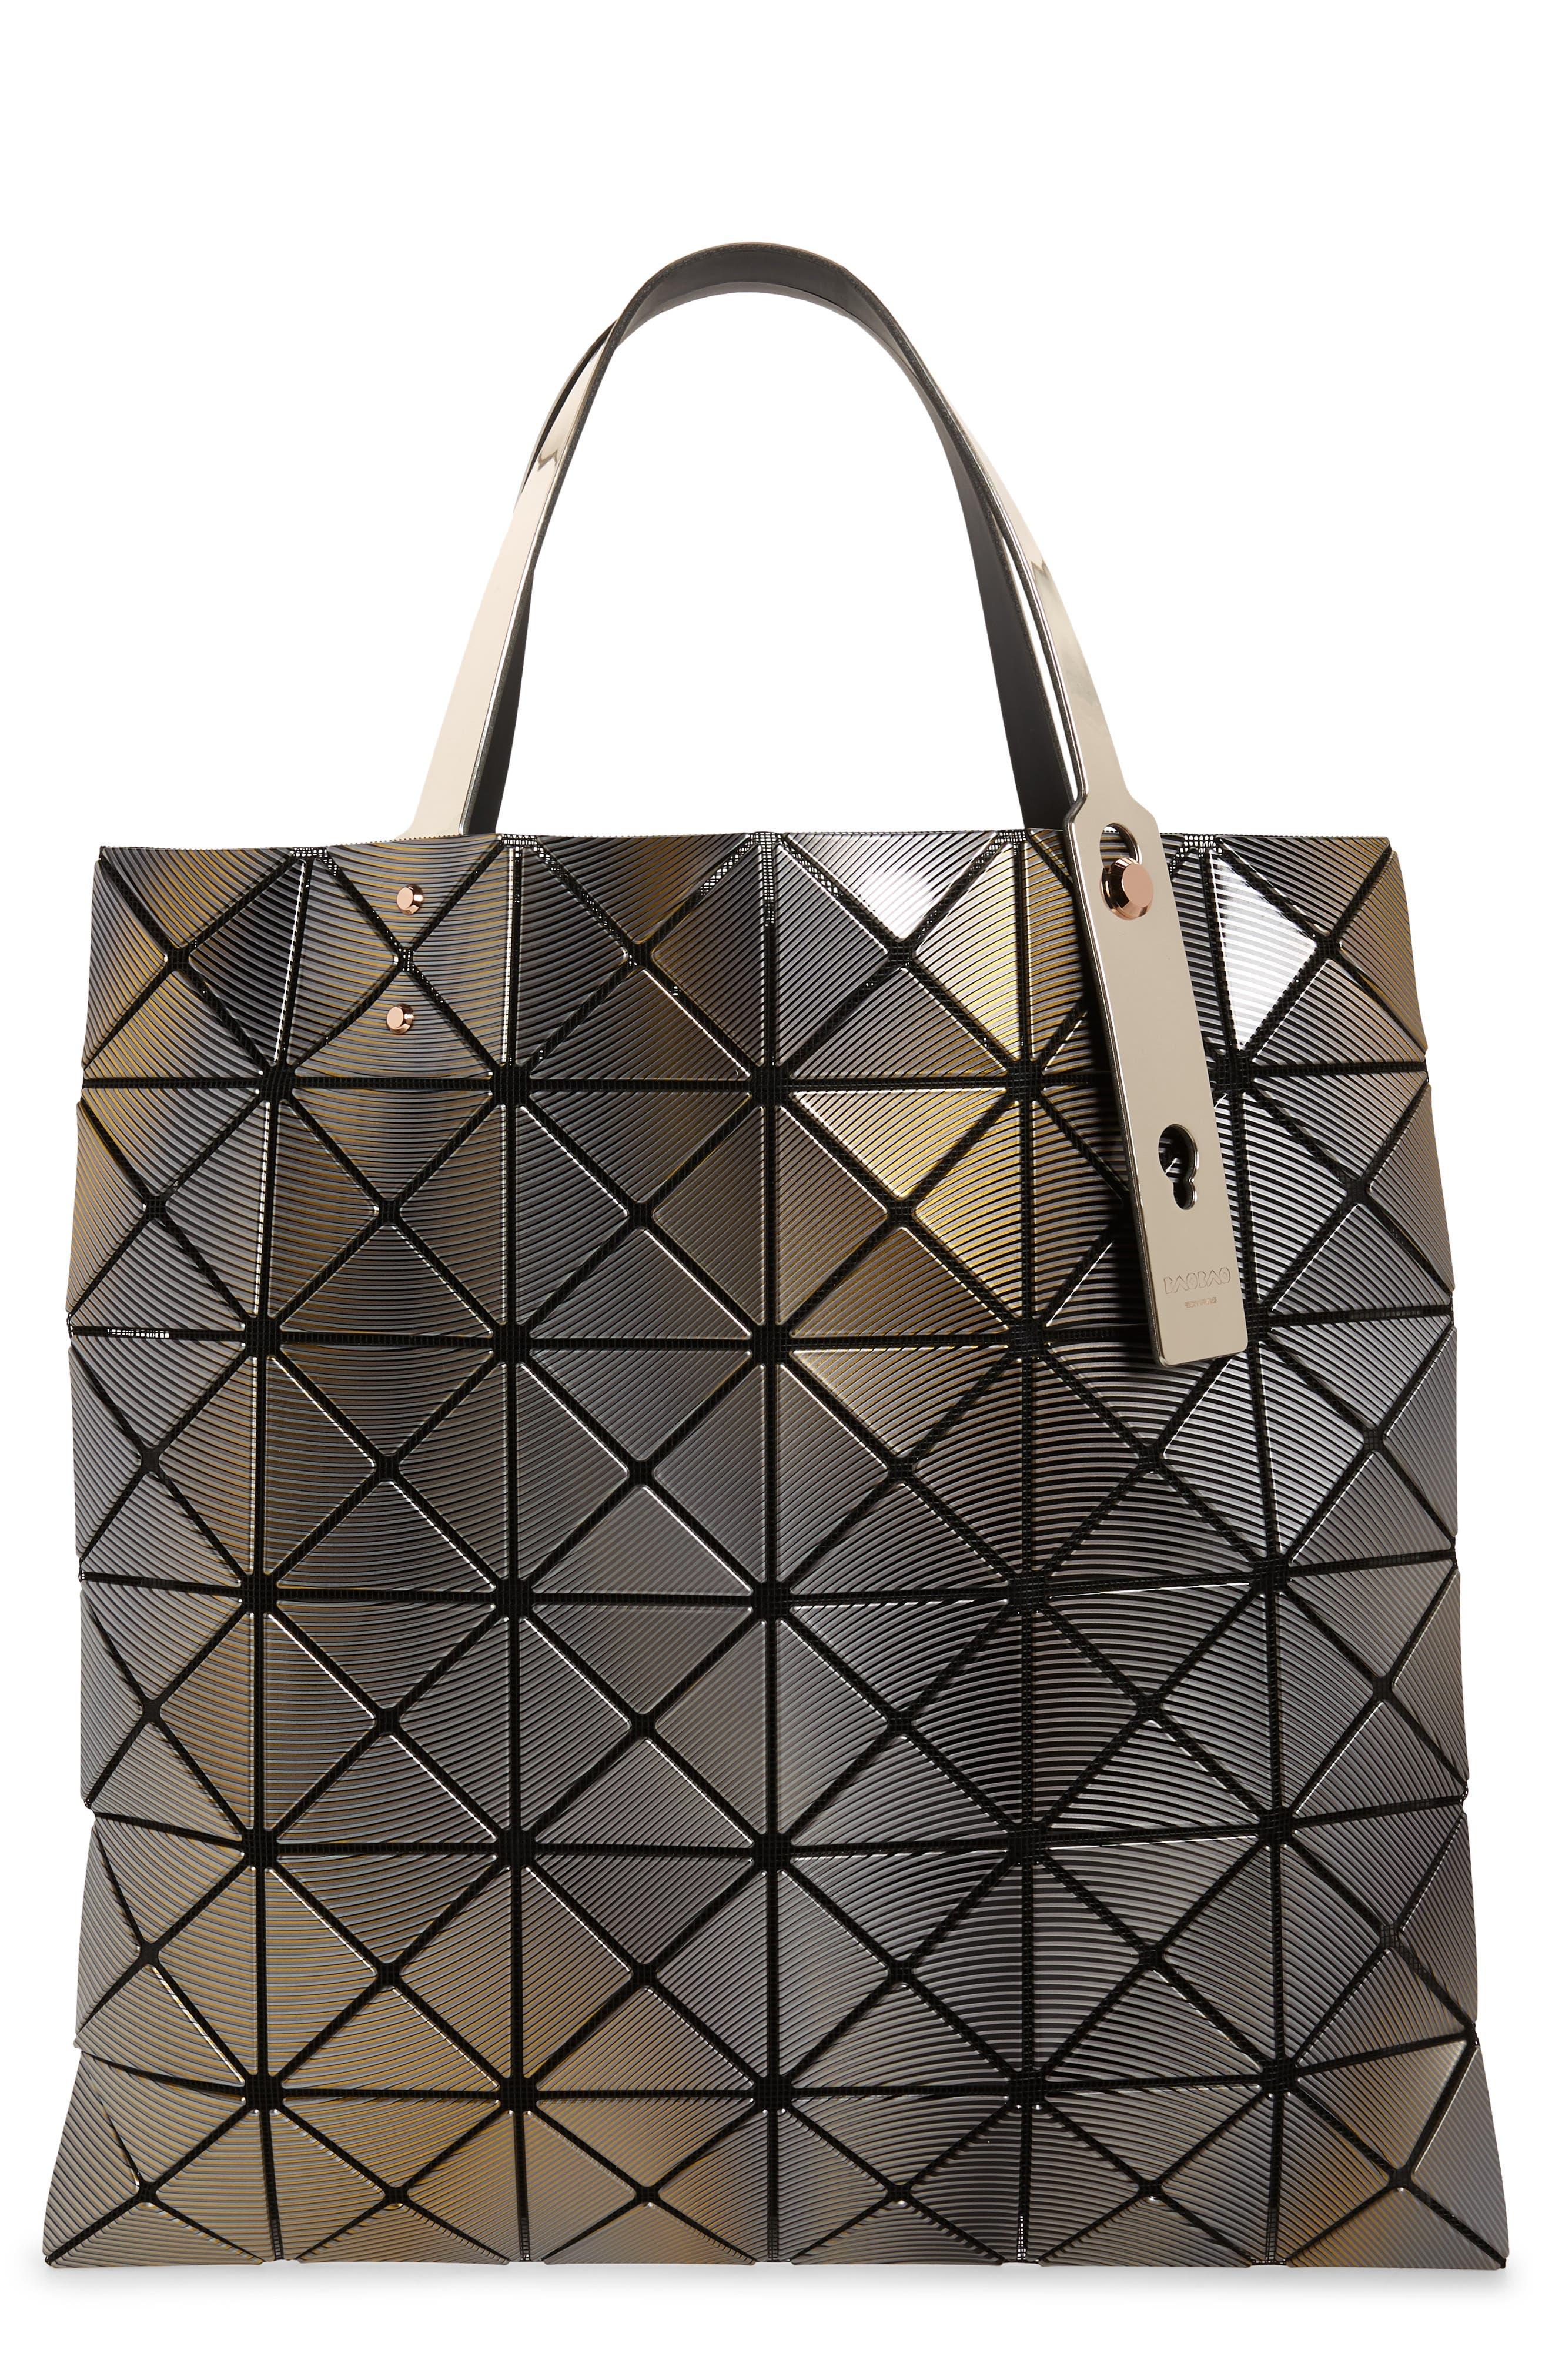 BAO BAO ISSEY MIYAKE Phase Prism Tote Bag, Main, color, GOLD